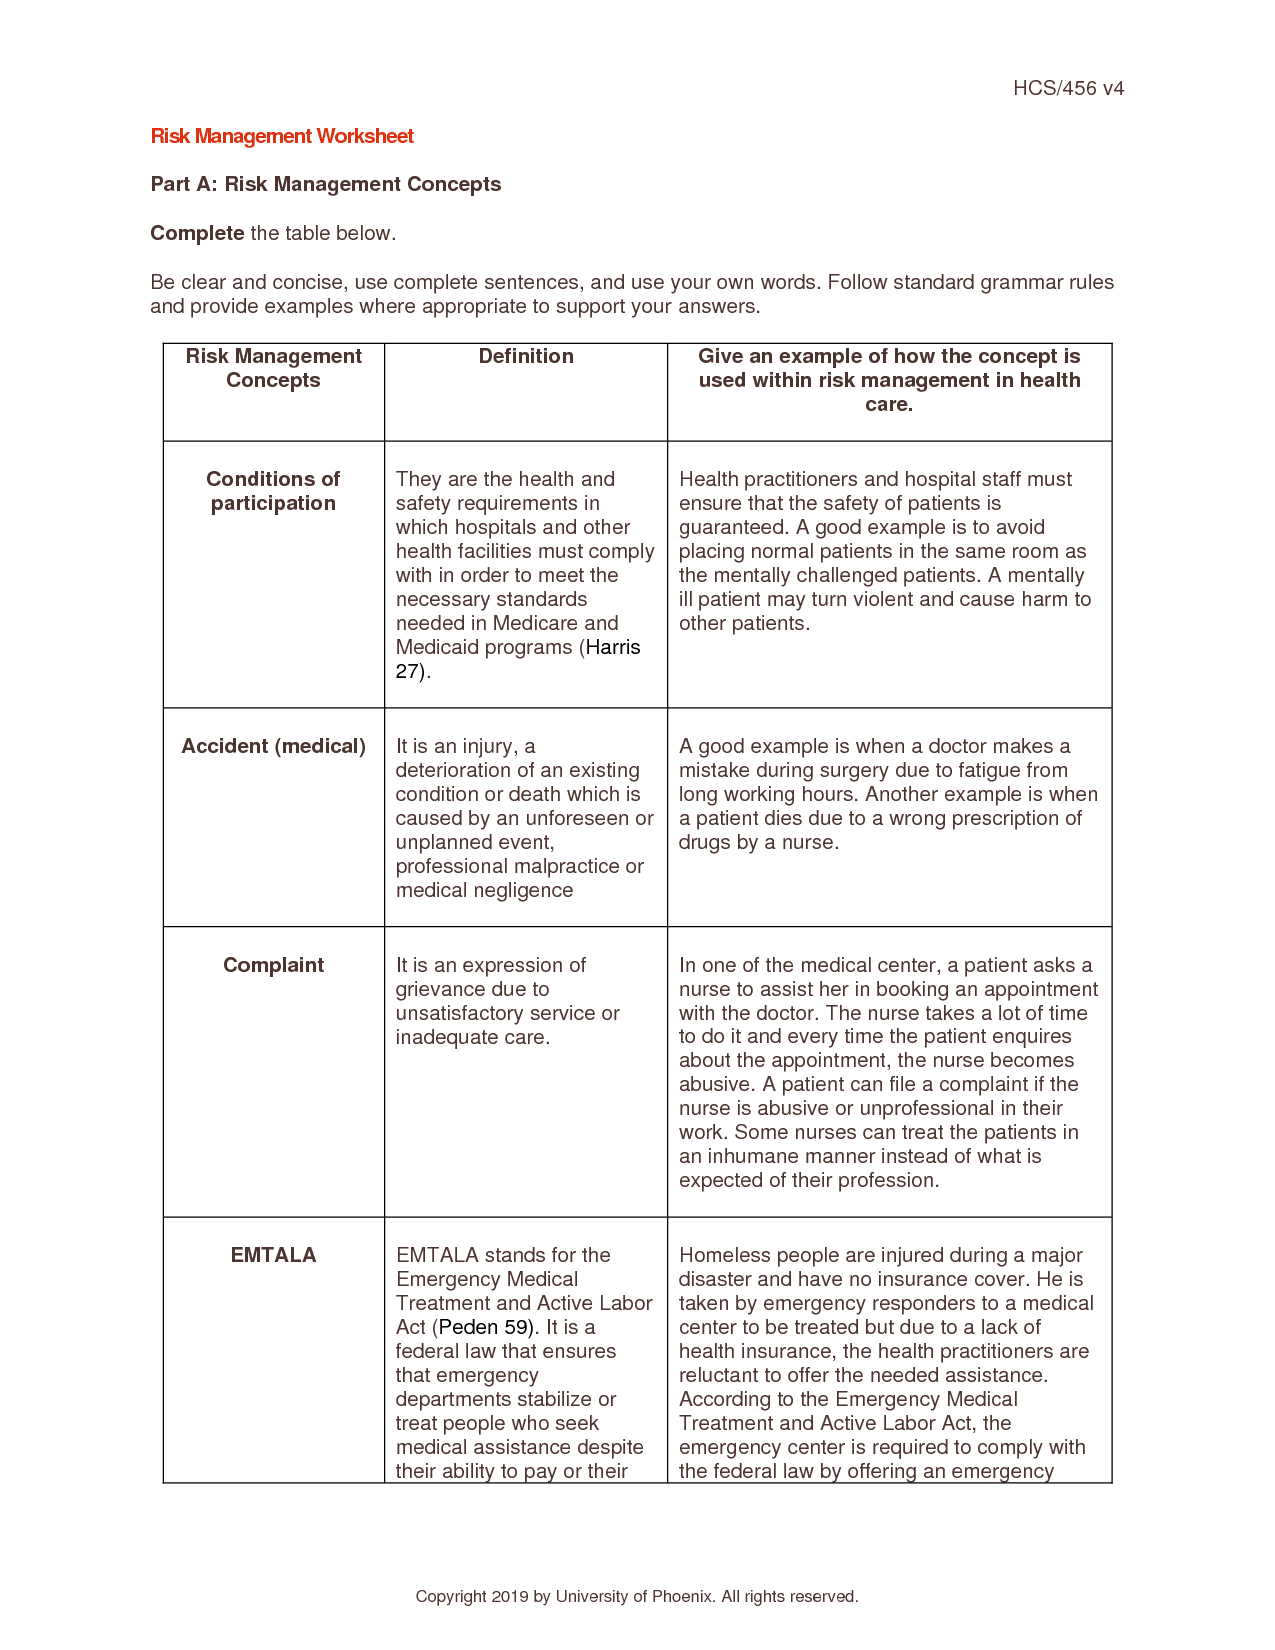 Solution Week 1 Worksheet Edited